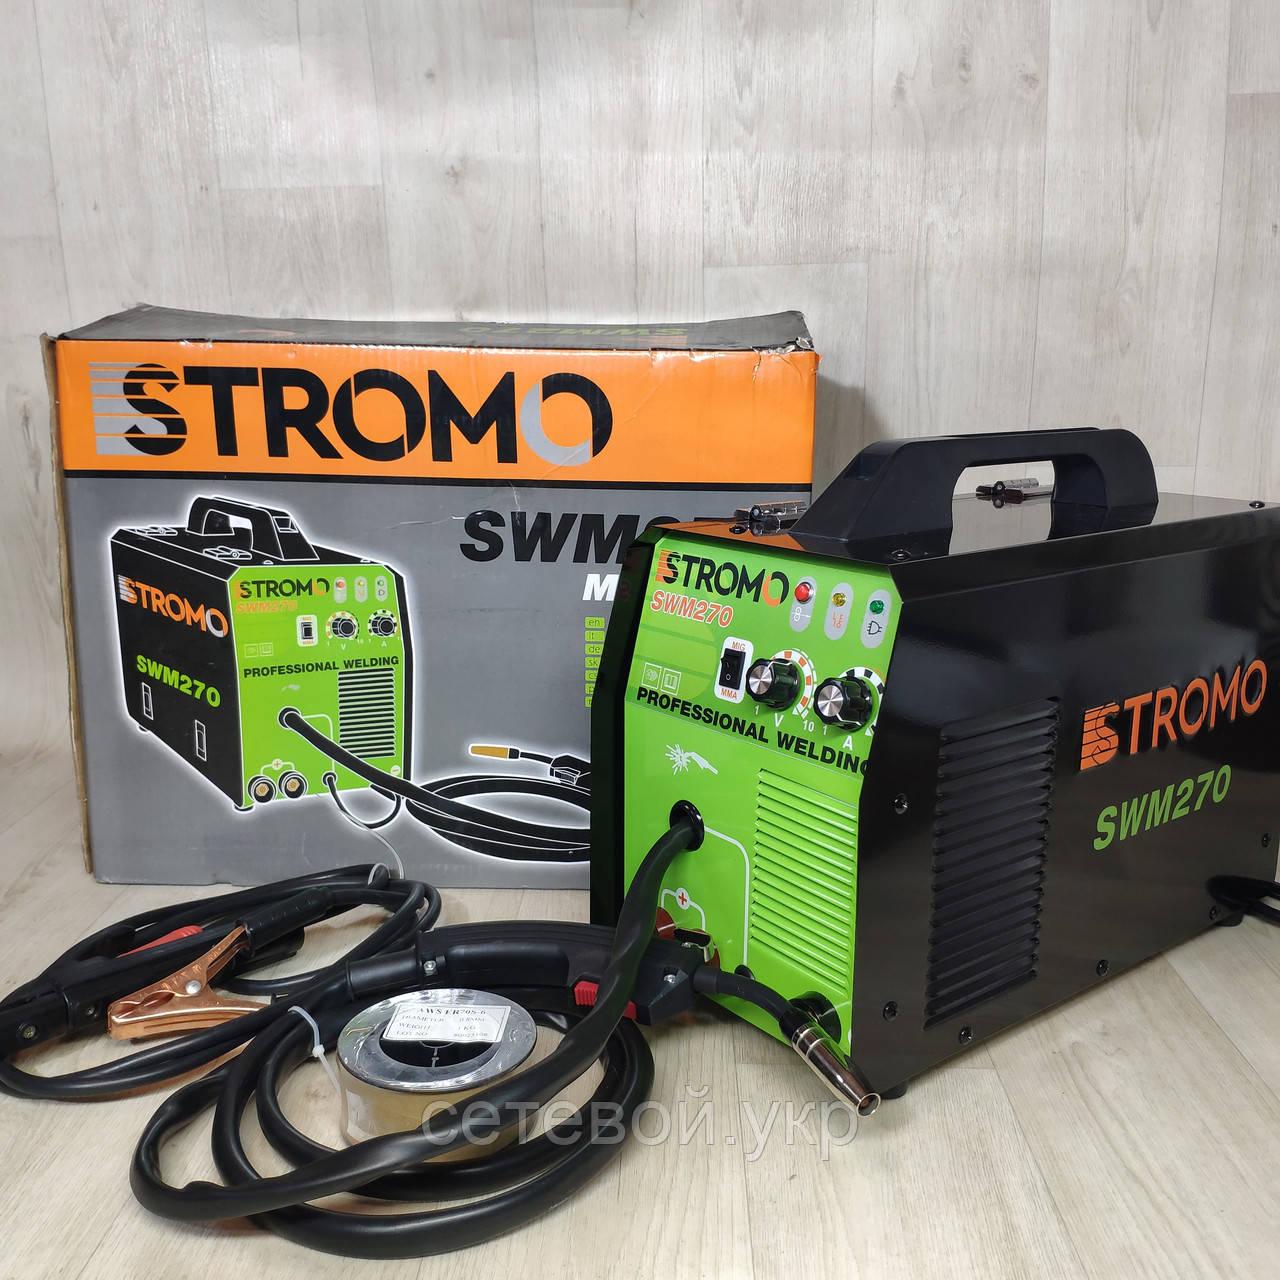 Зварювальний напівавтомат STROMO SWM270 (2 в 1, інверторний)